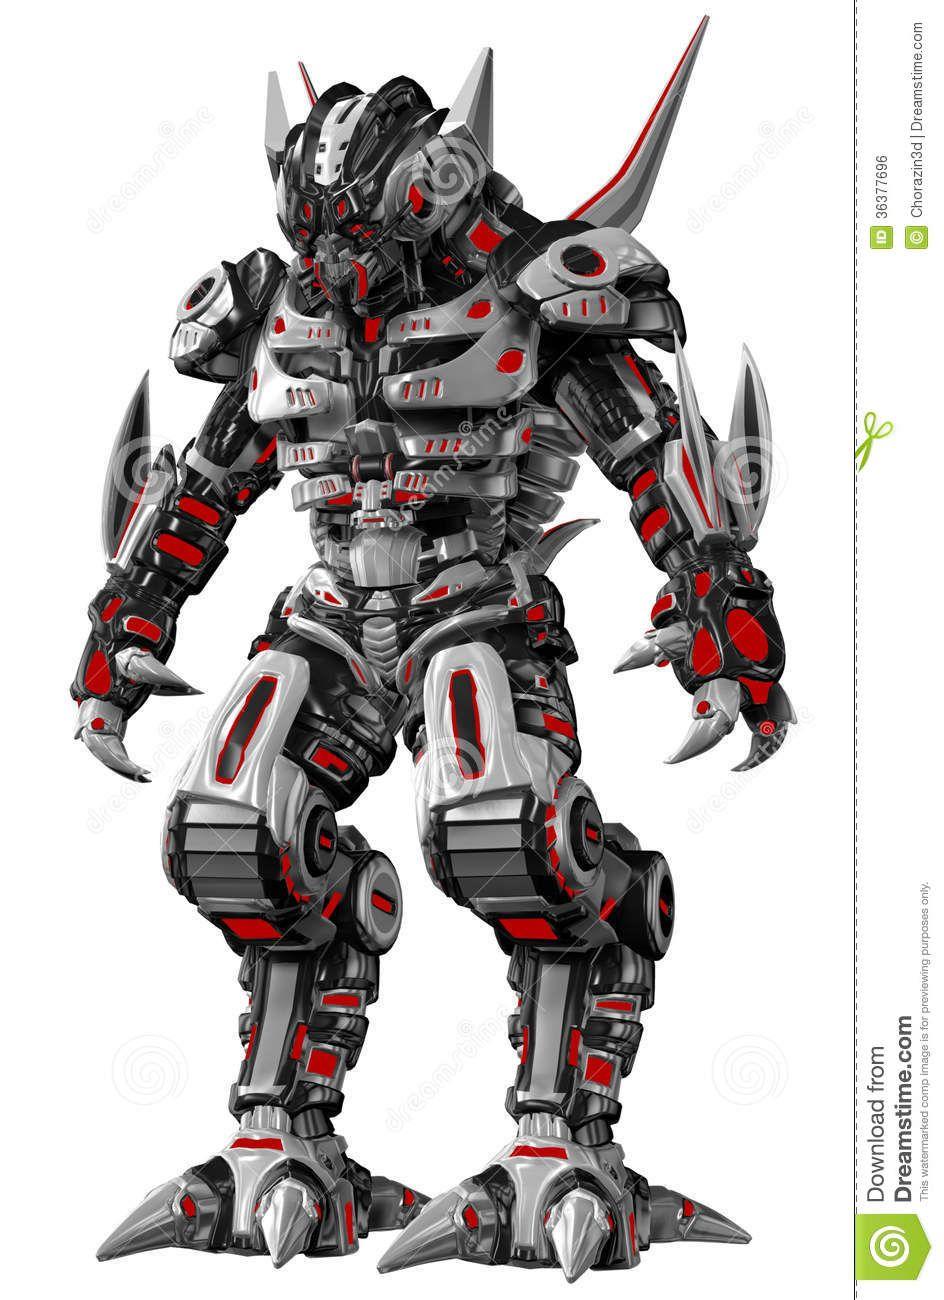 robots futuristas de guerra - Buscar con Google